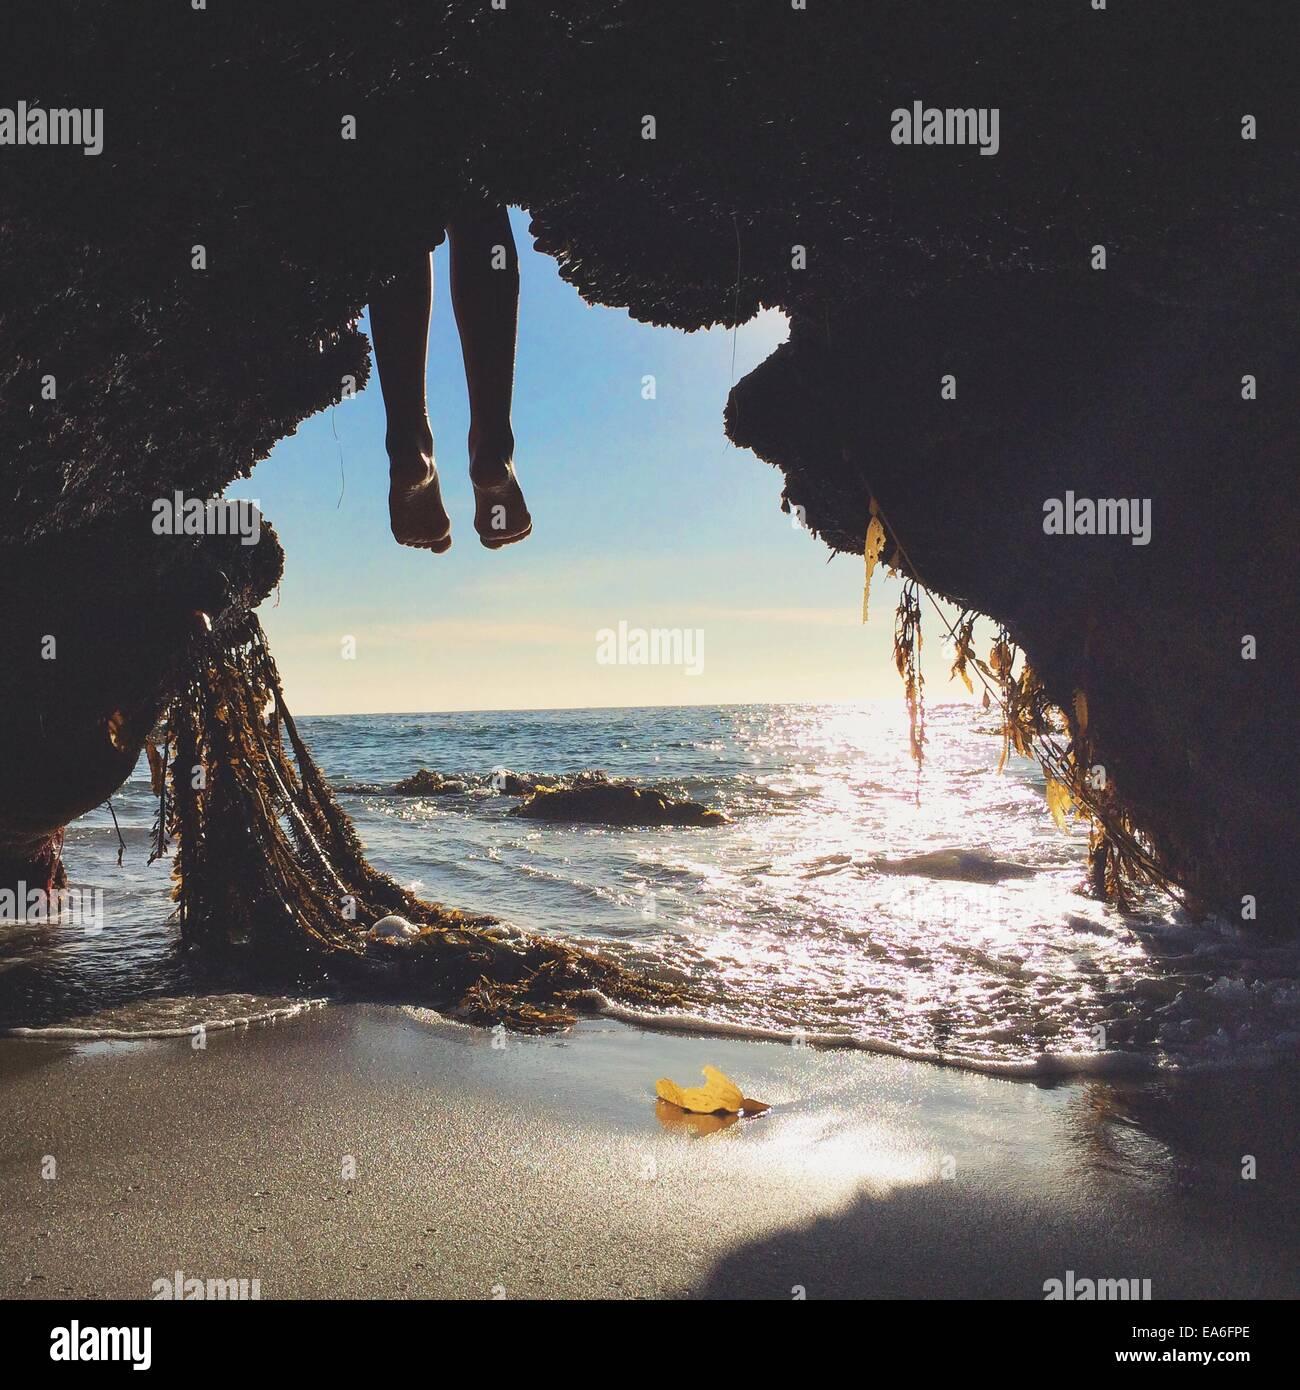 Les jambes de la personne en face d'entrée de la grotte on beach Photo Stock